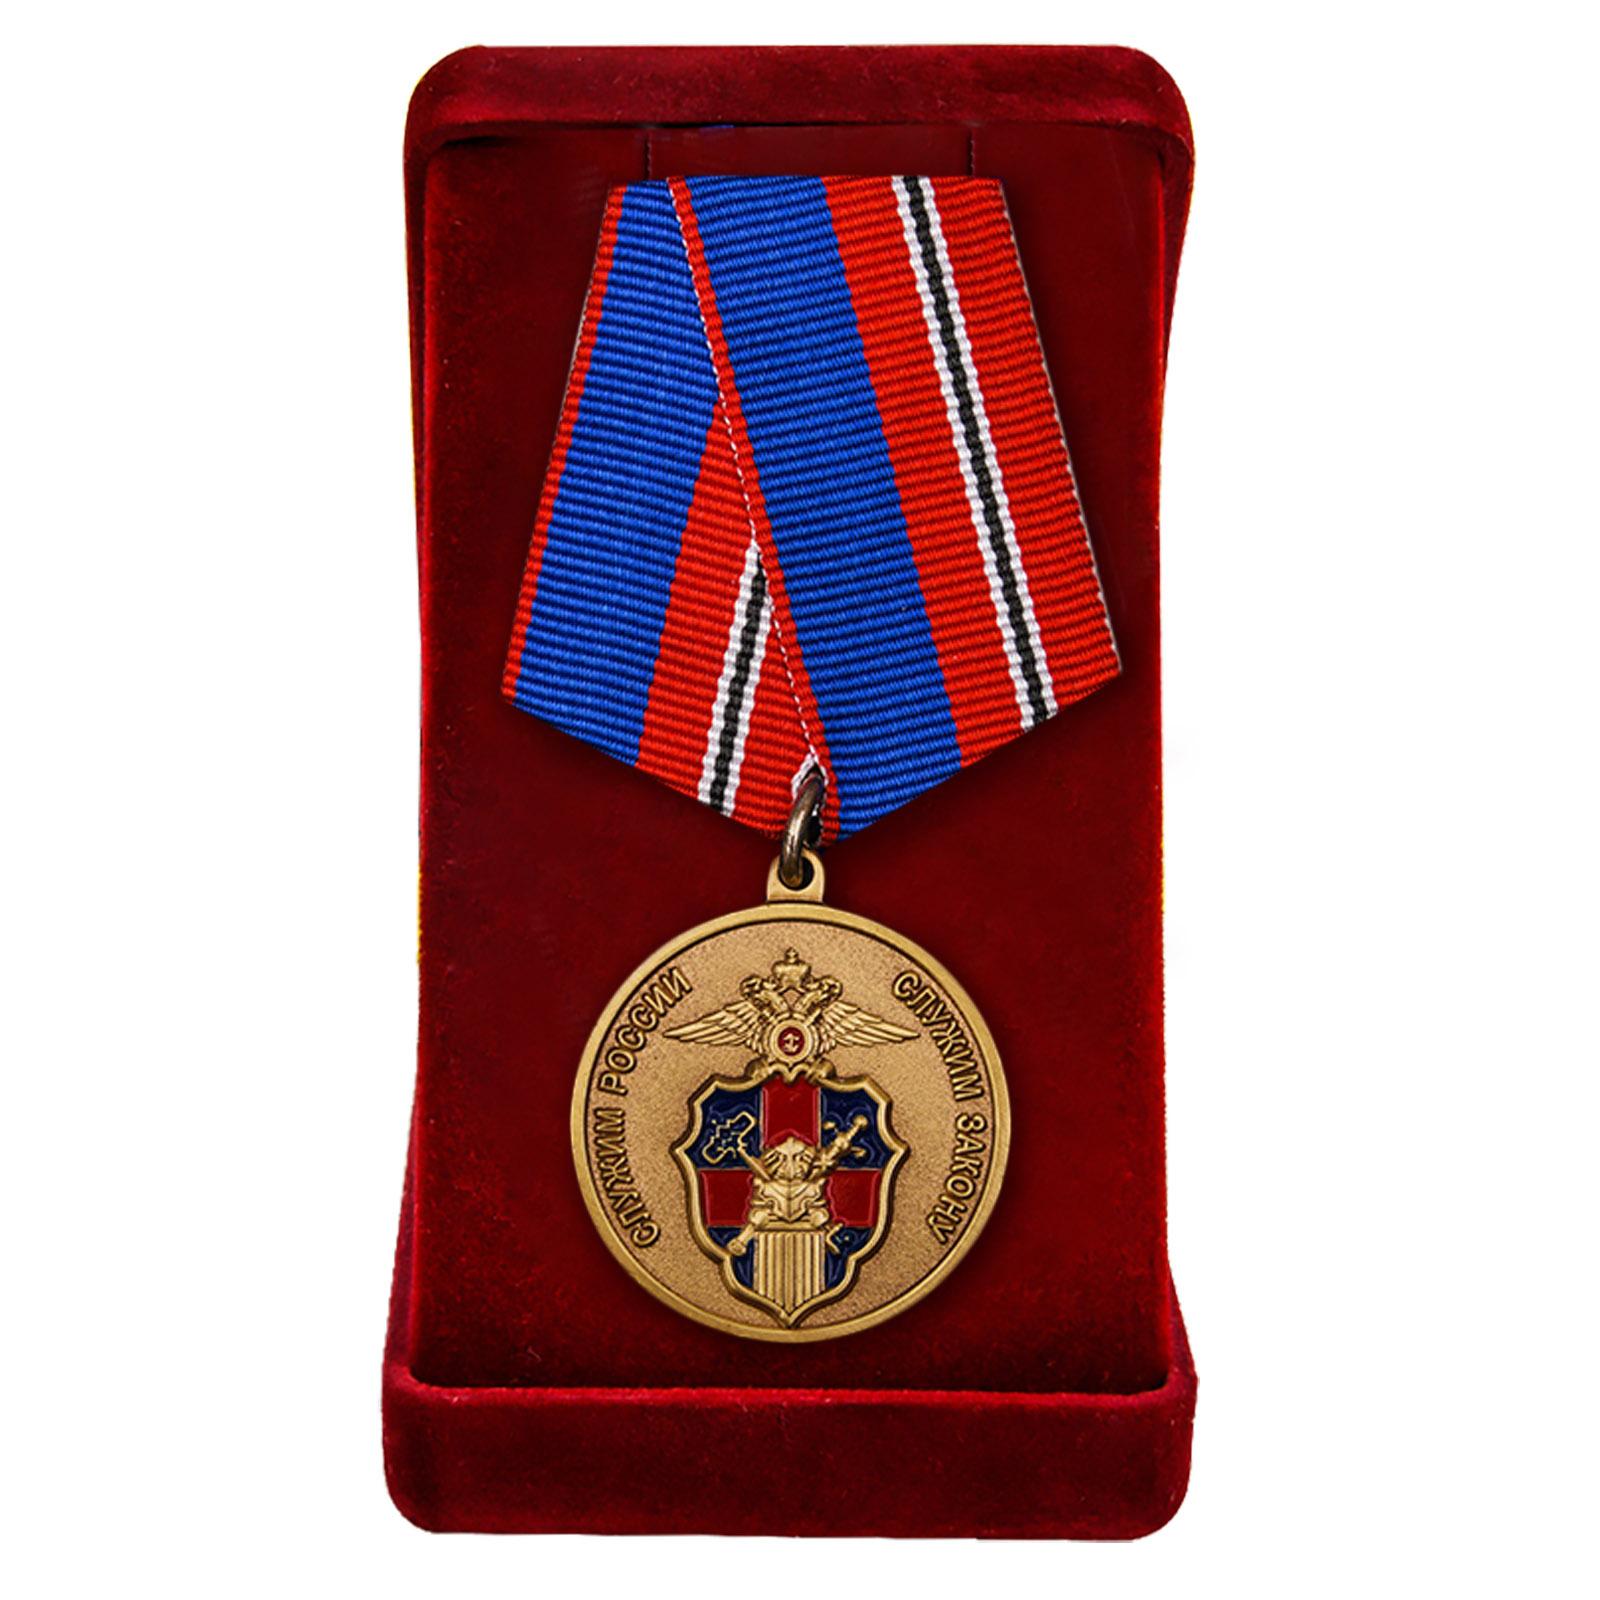 Купить медаль МВД России Служба Тыла 18.07.1918 в  подарок